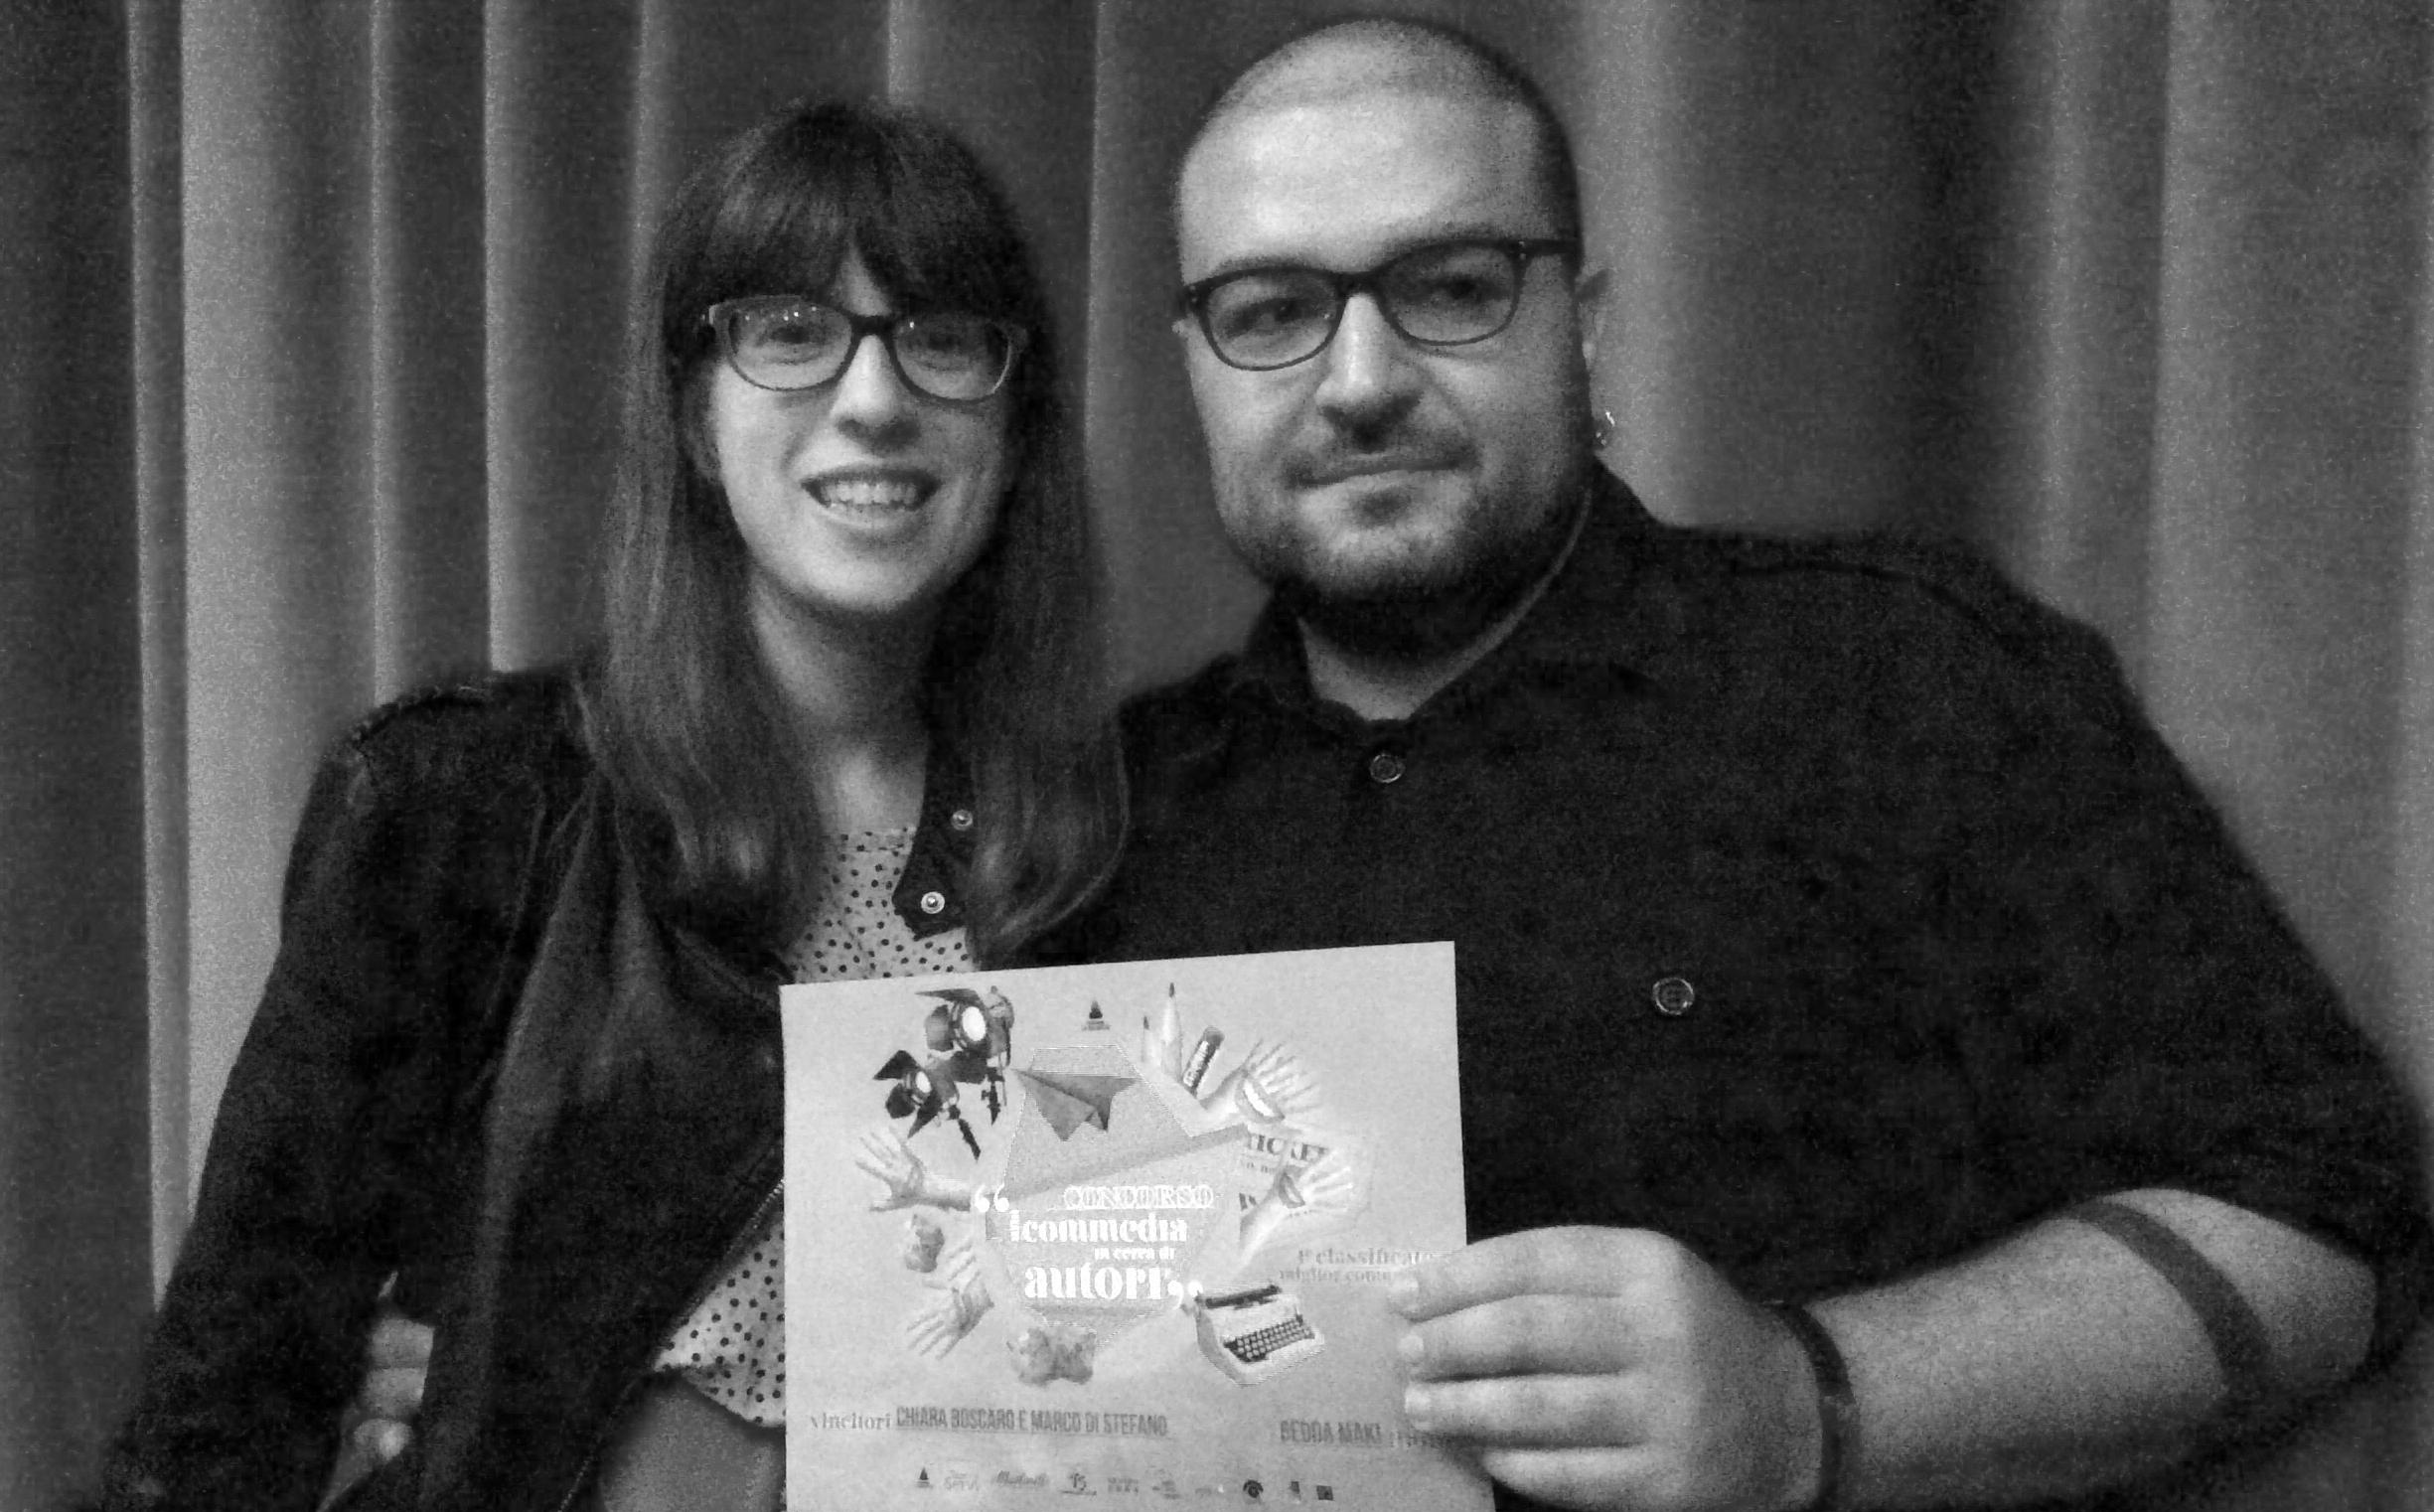 Boscaro e Di Stefano i giovanissimi vincitori della IV edizione del concorso